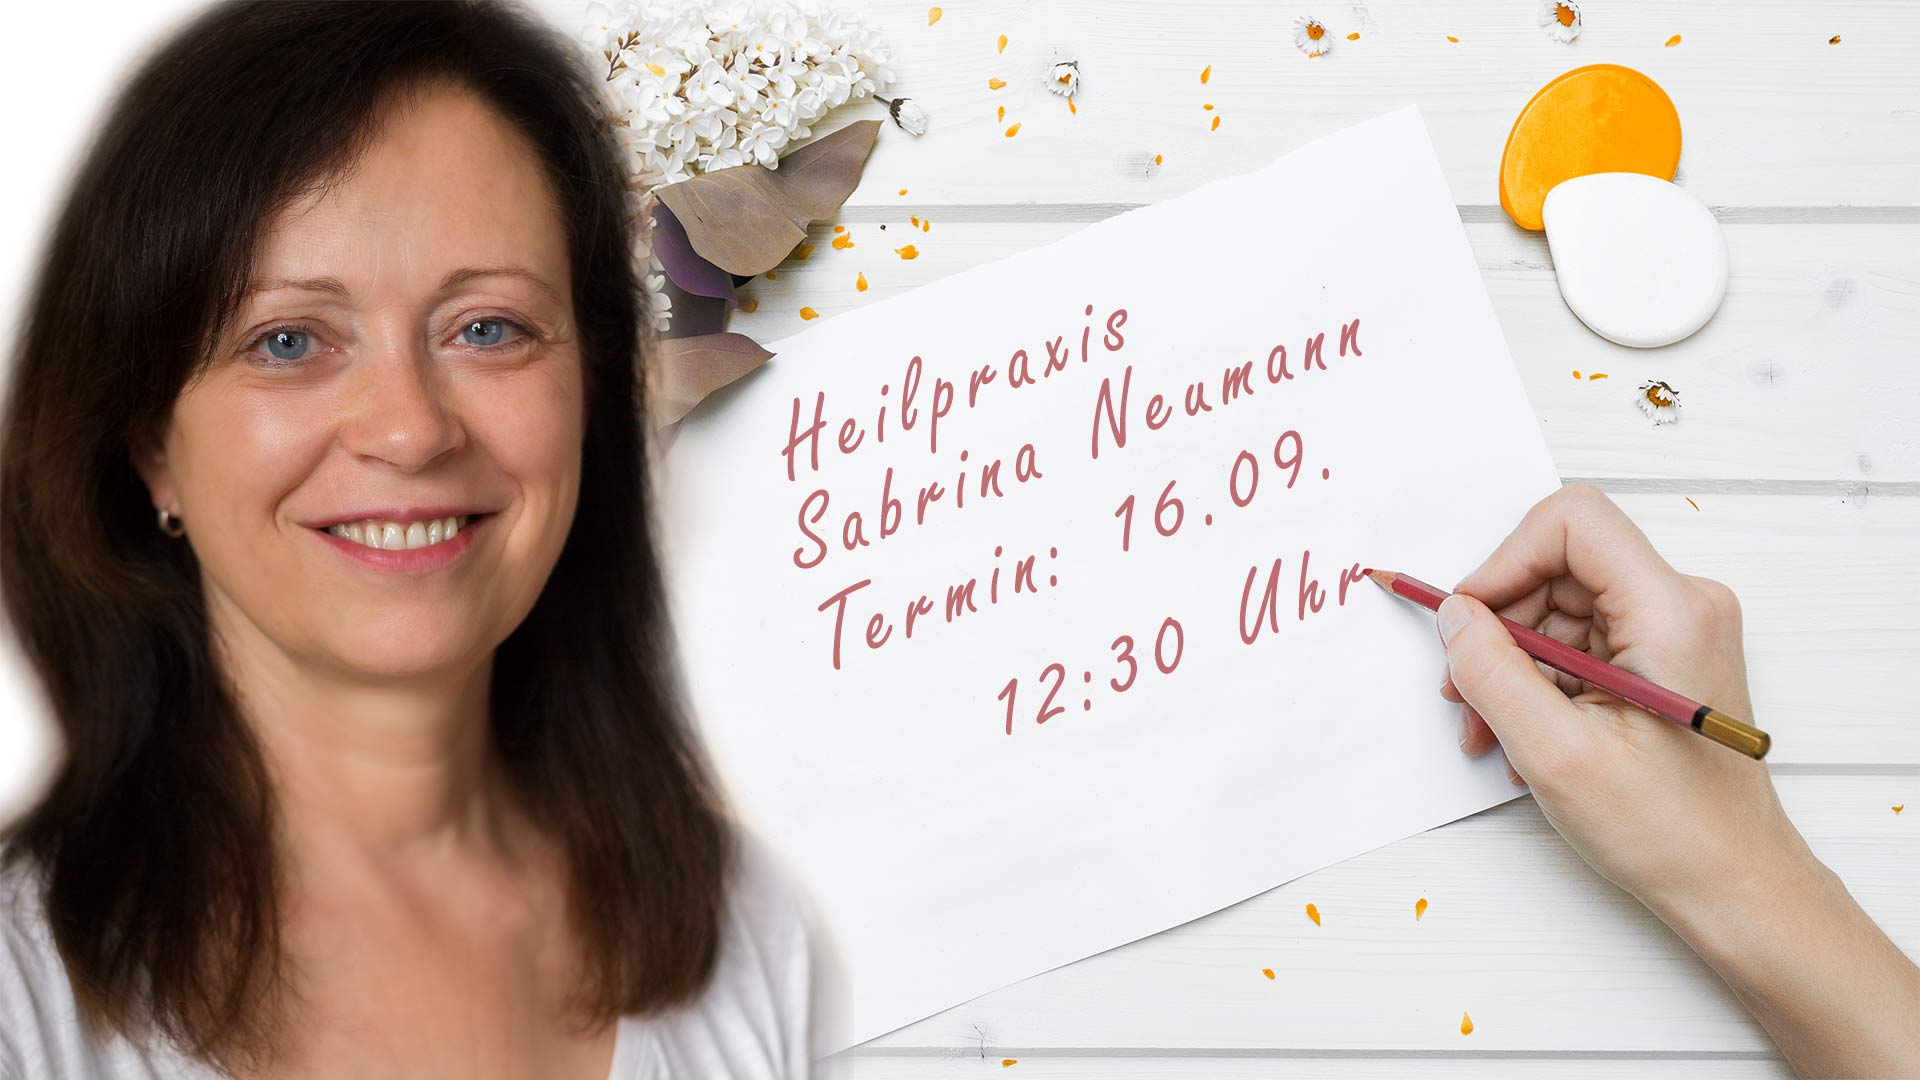 Sabrina-Neumann-Behandlungen